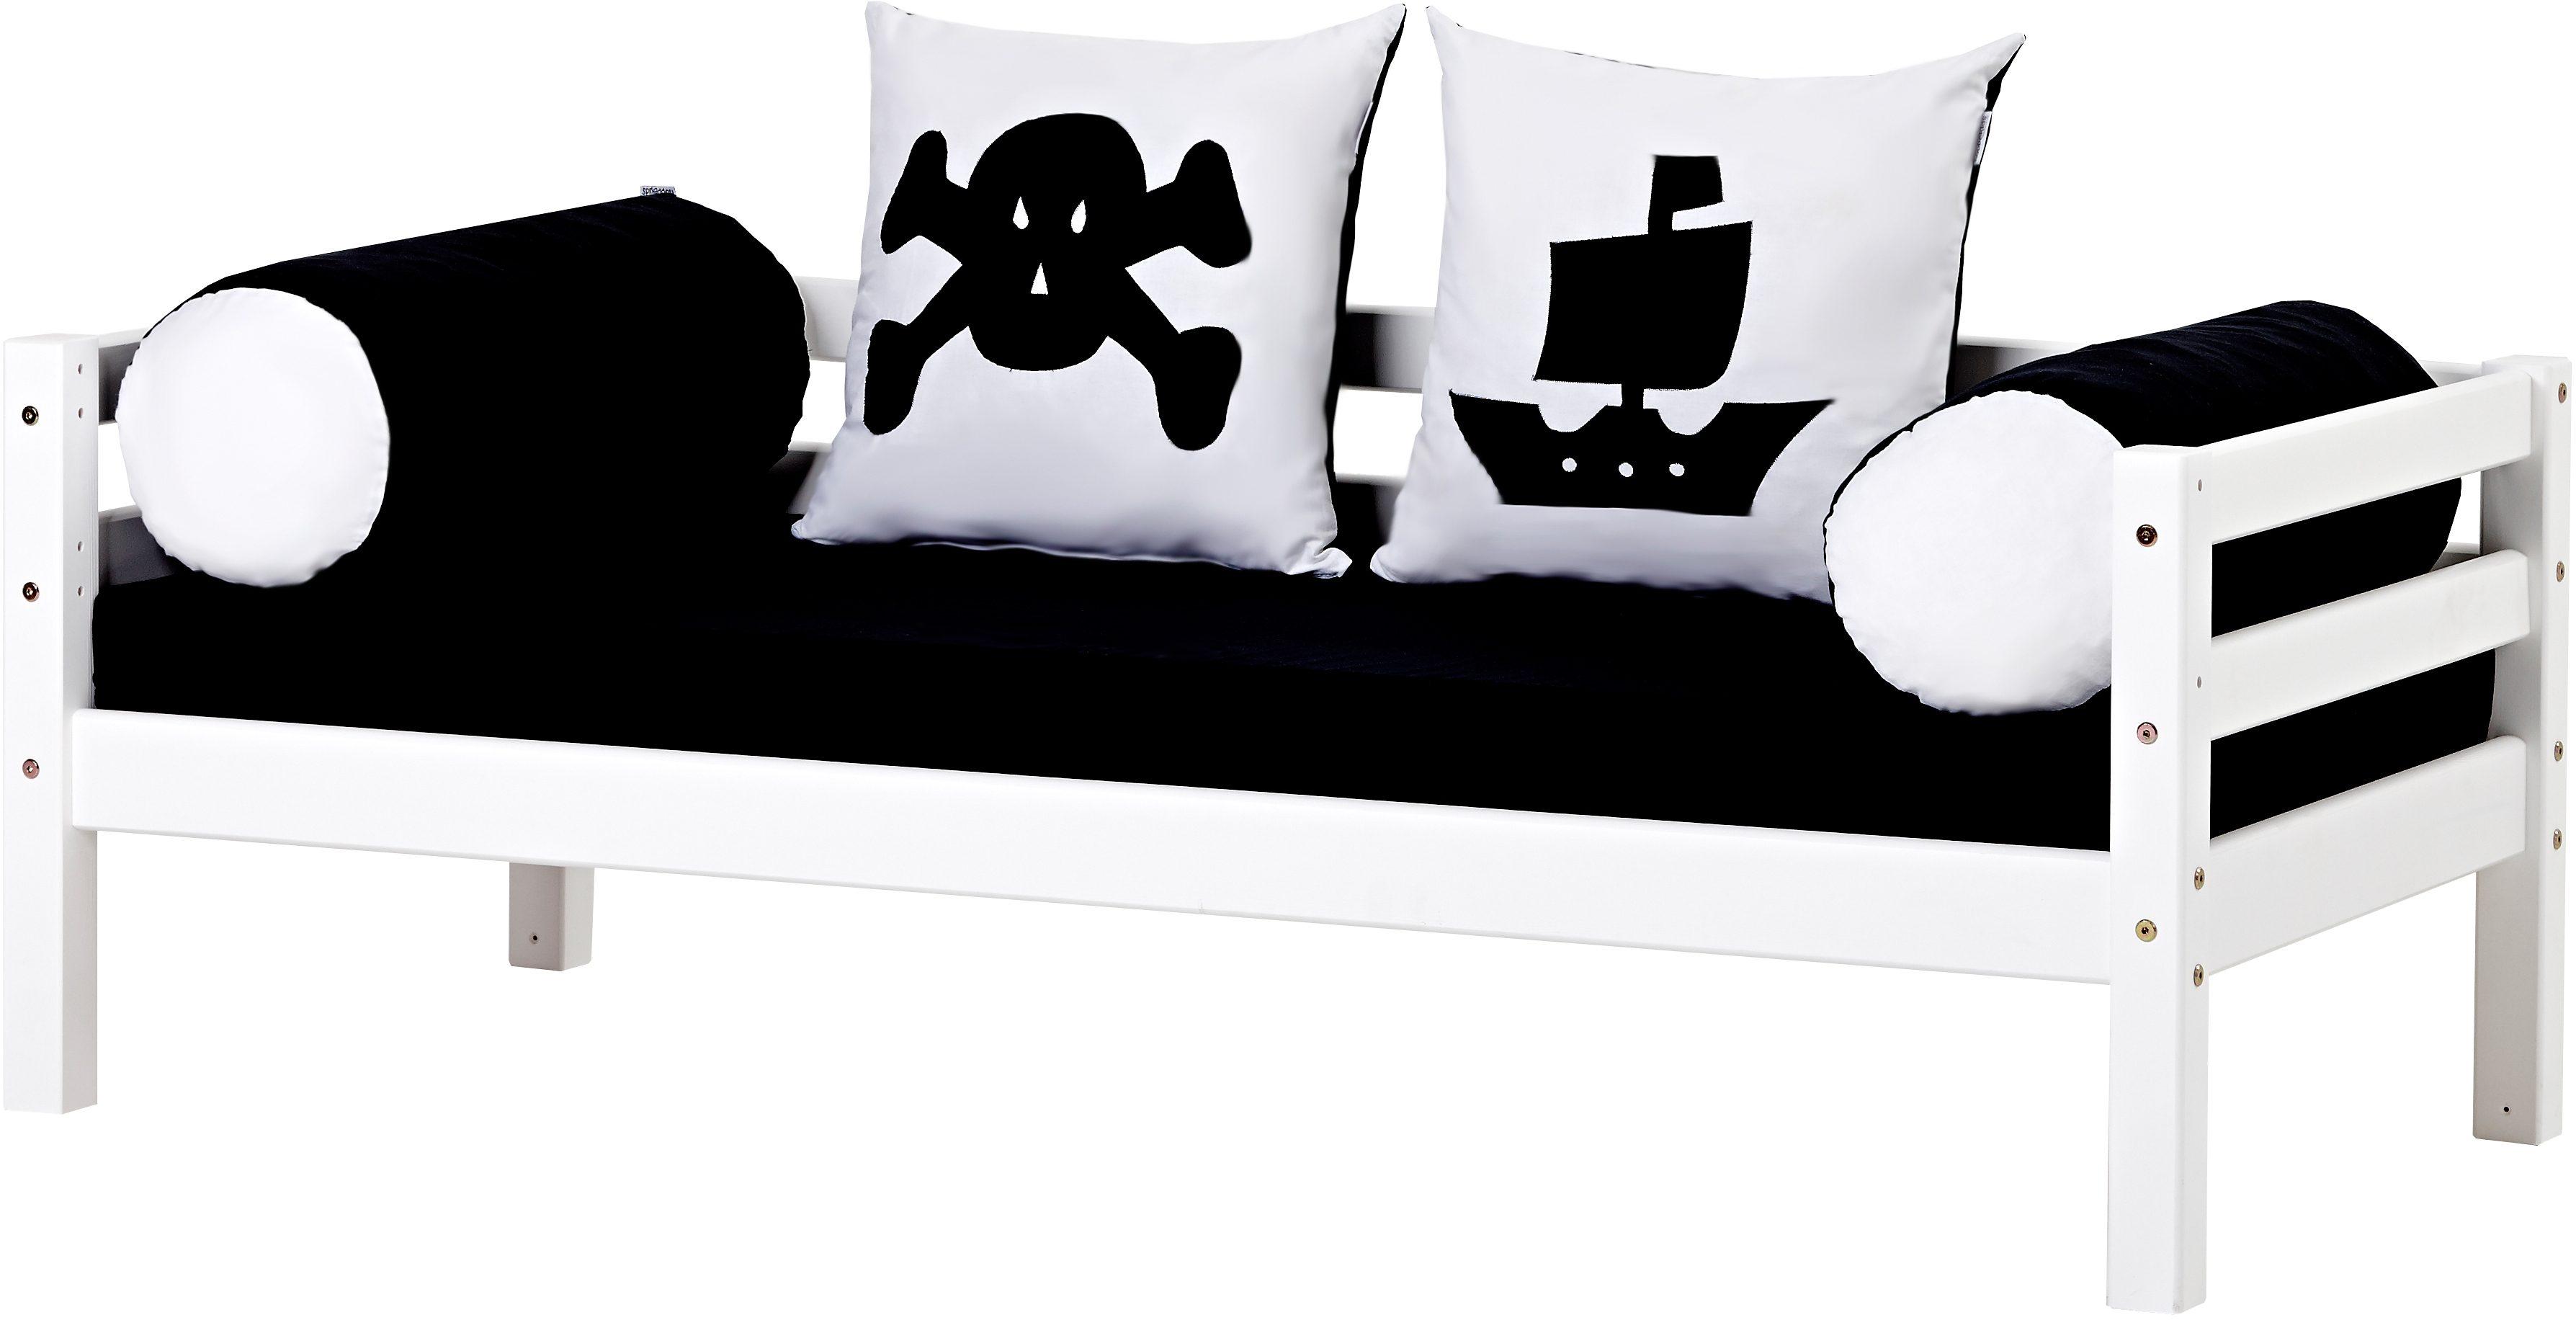 Hoppekids Piratenbett Pirat, inkl. Matratze und Rollrost weiß Kinder Kinderbetten Kindermöbel